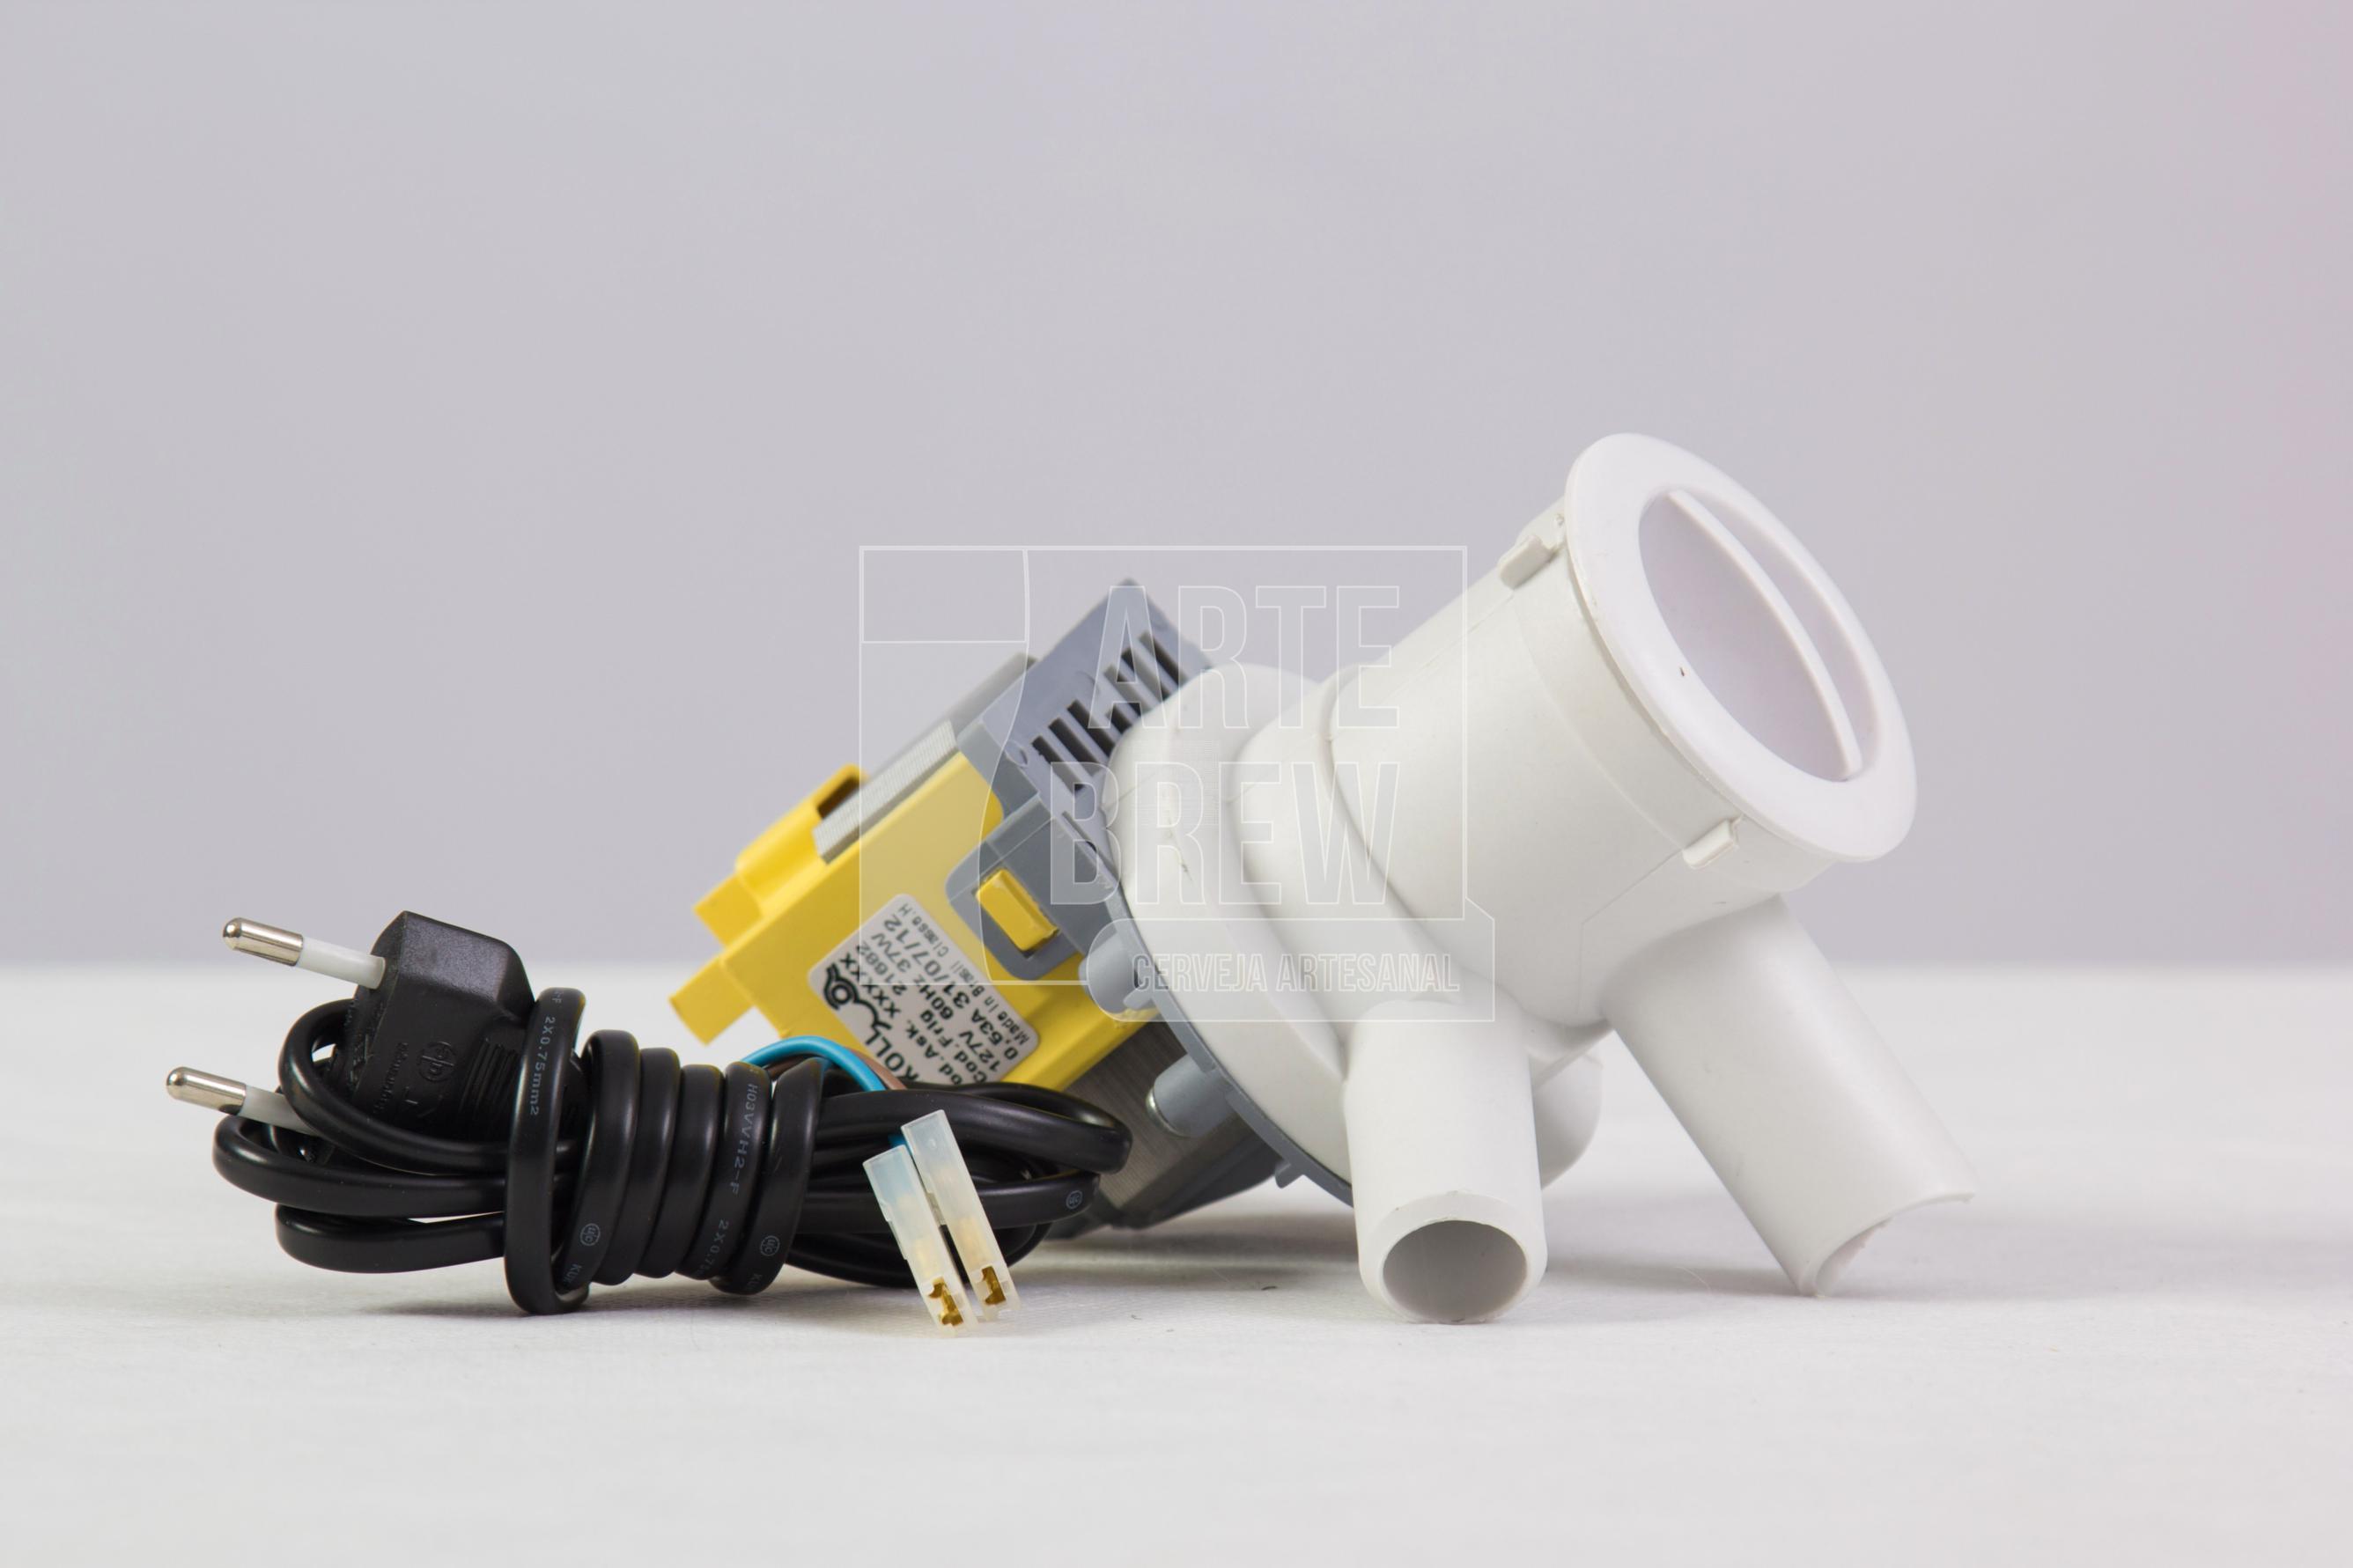 Bomba Elétrica 110v para recirculação com cabo de energia